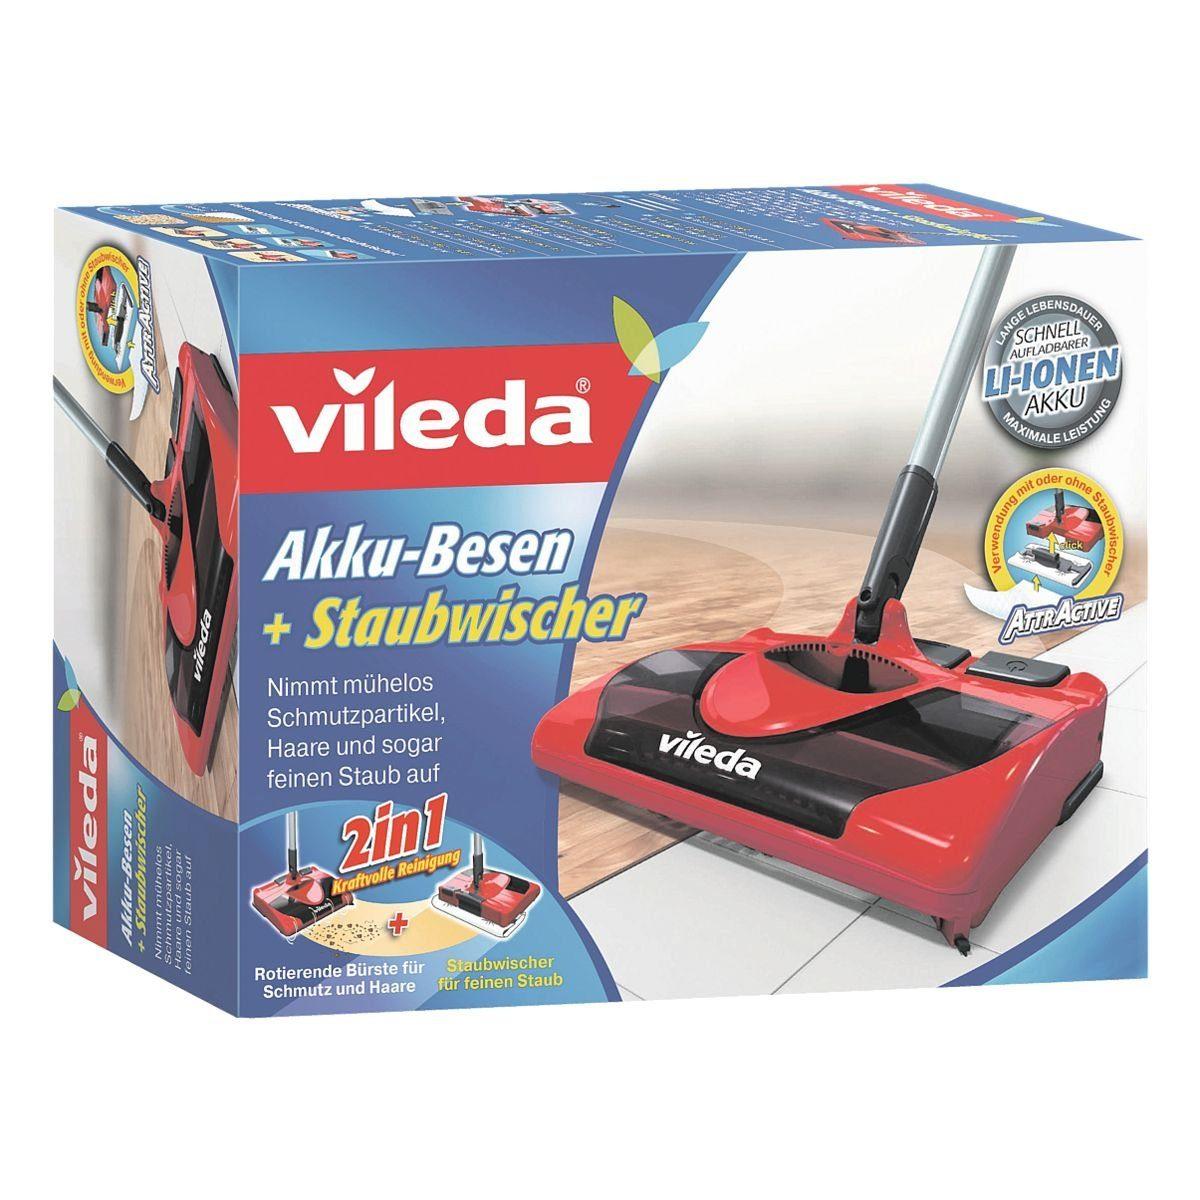 Vileda Akku-Besen mit integriertem Staubwischer